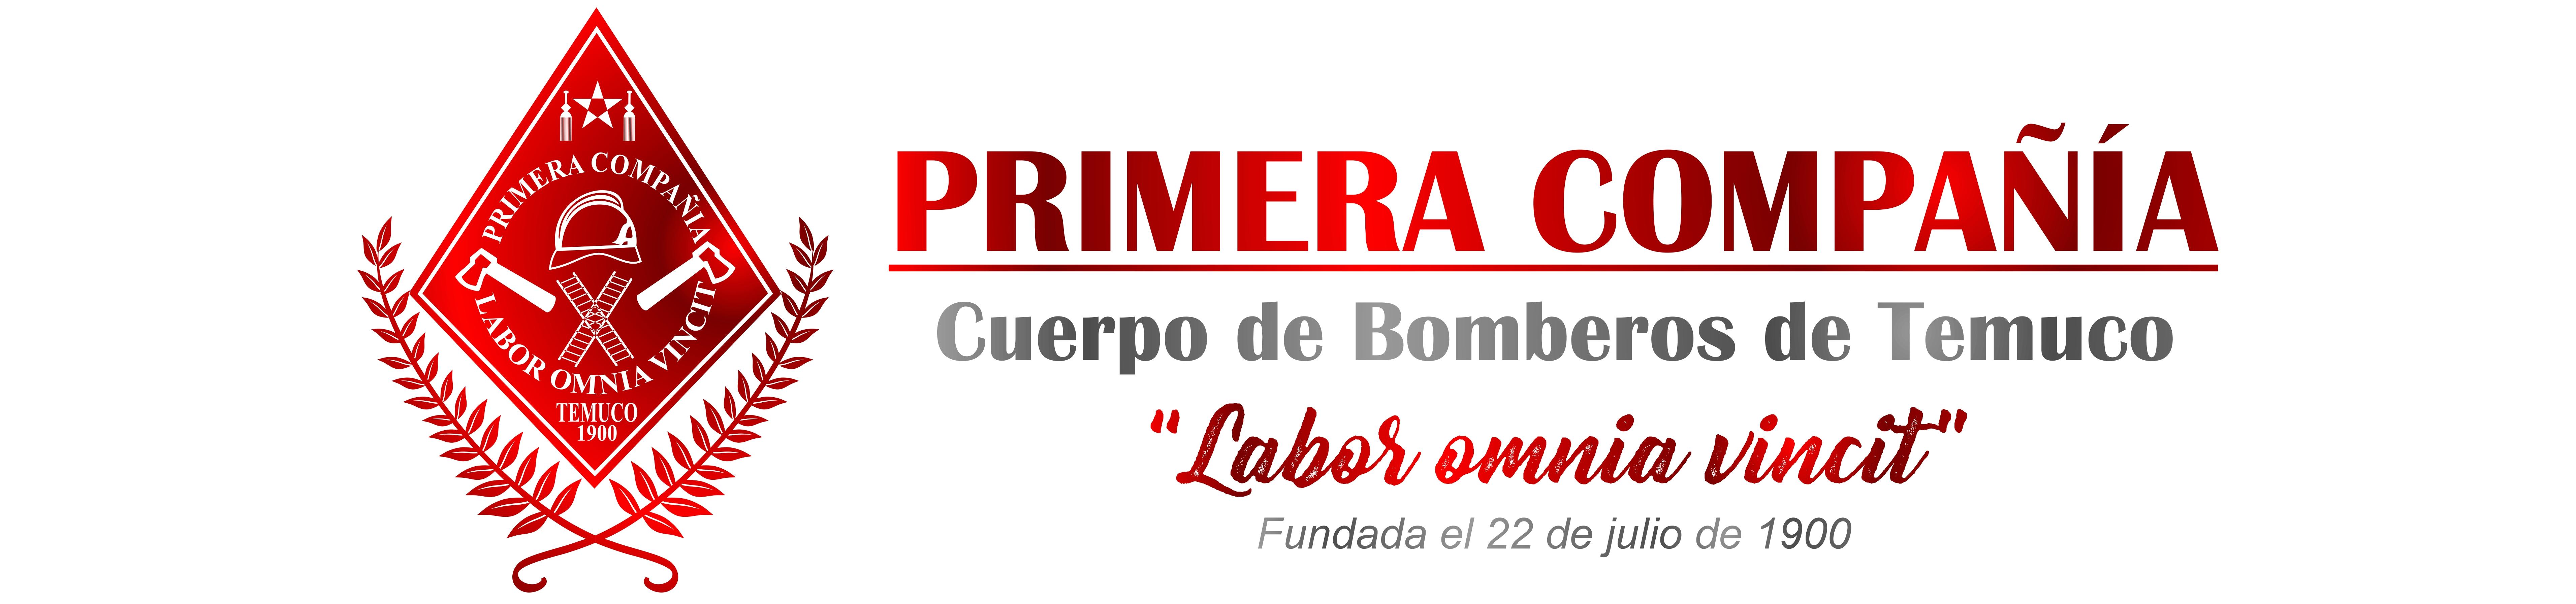 Primera Compañía de Bomberos Temuco